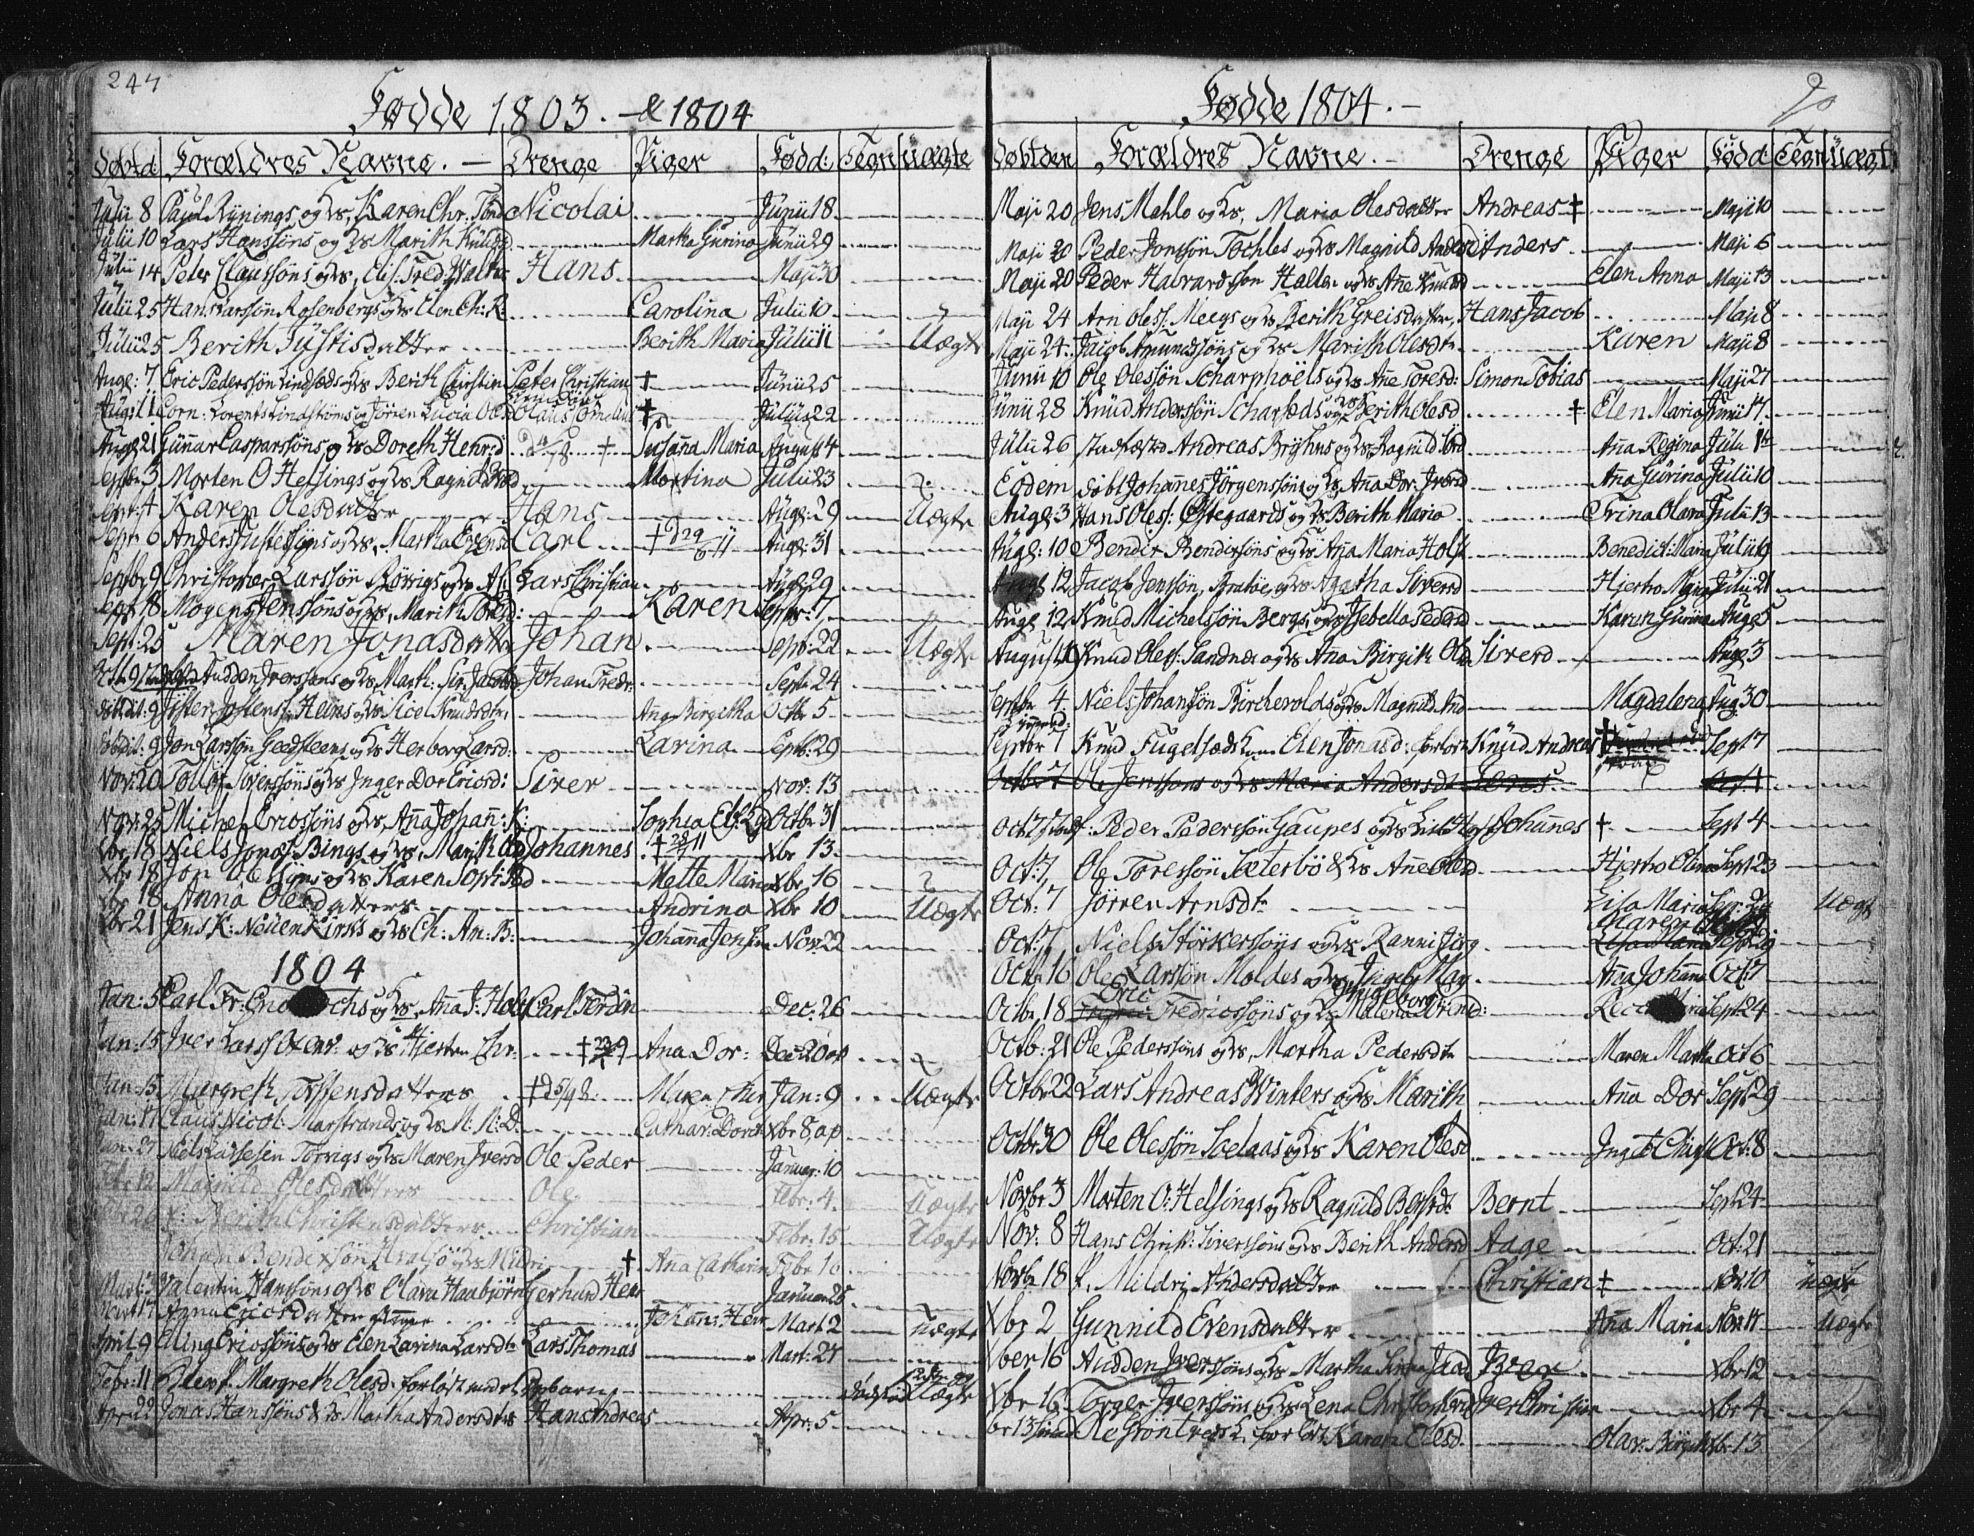 SAT, Ministerialprotokoller, klokkerbøker og fødselsregistre - Møre og Romsdal, 572/L0841: Ministerialbok nr. 572A04, 1784-1819, s. 247